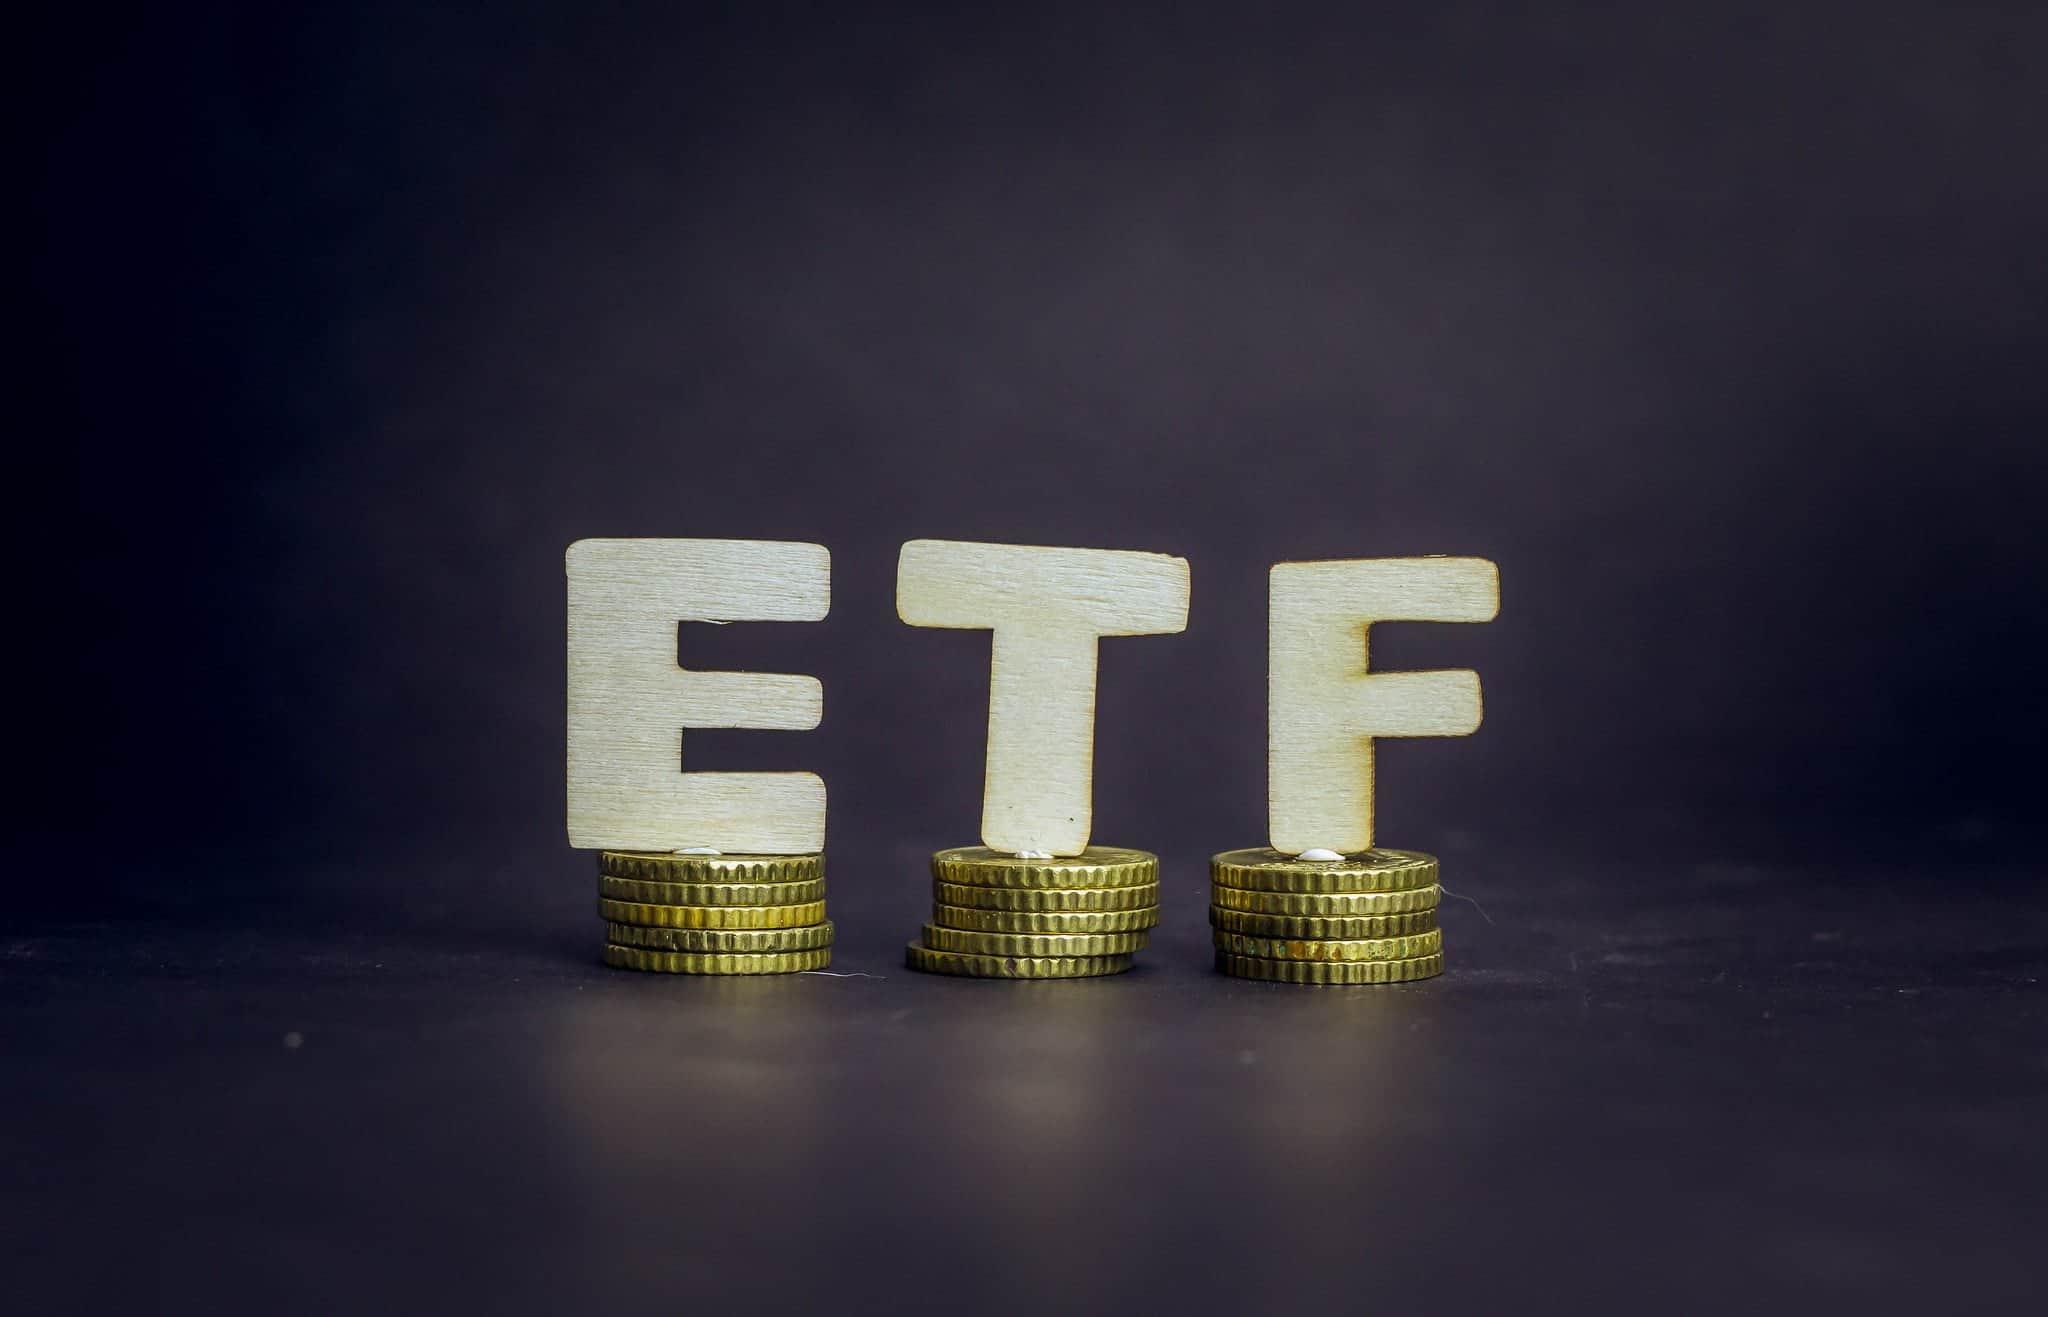 107,5 tấn vàng đã chảy ra khỏi các quỹ ETF toàn cầu trong tháng 3 – Hội đồng vàng thế giới